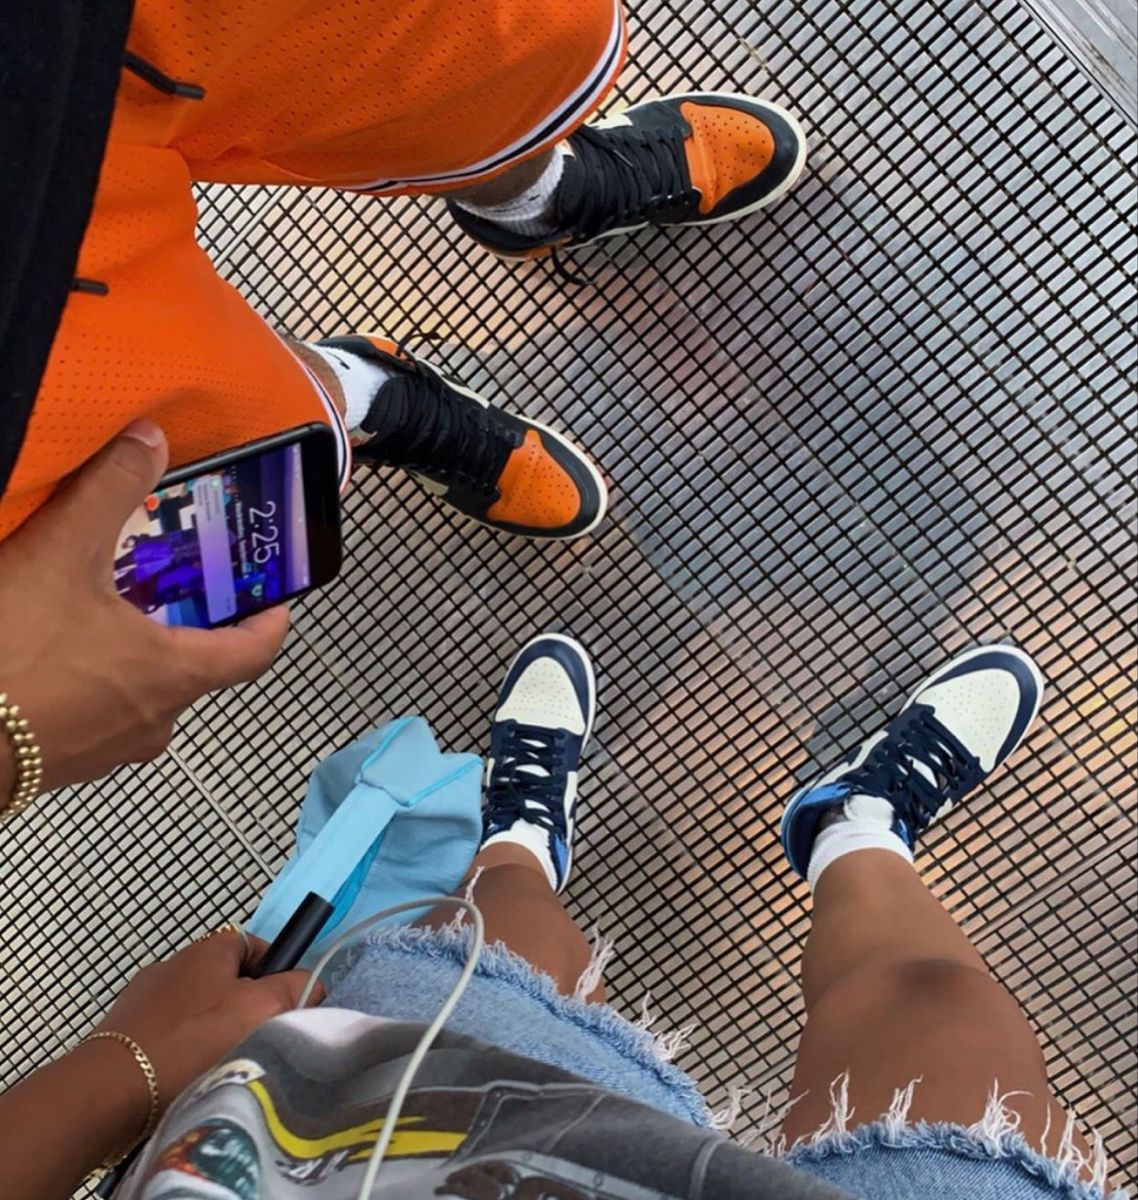 couples matching shoes jordans